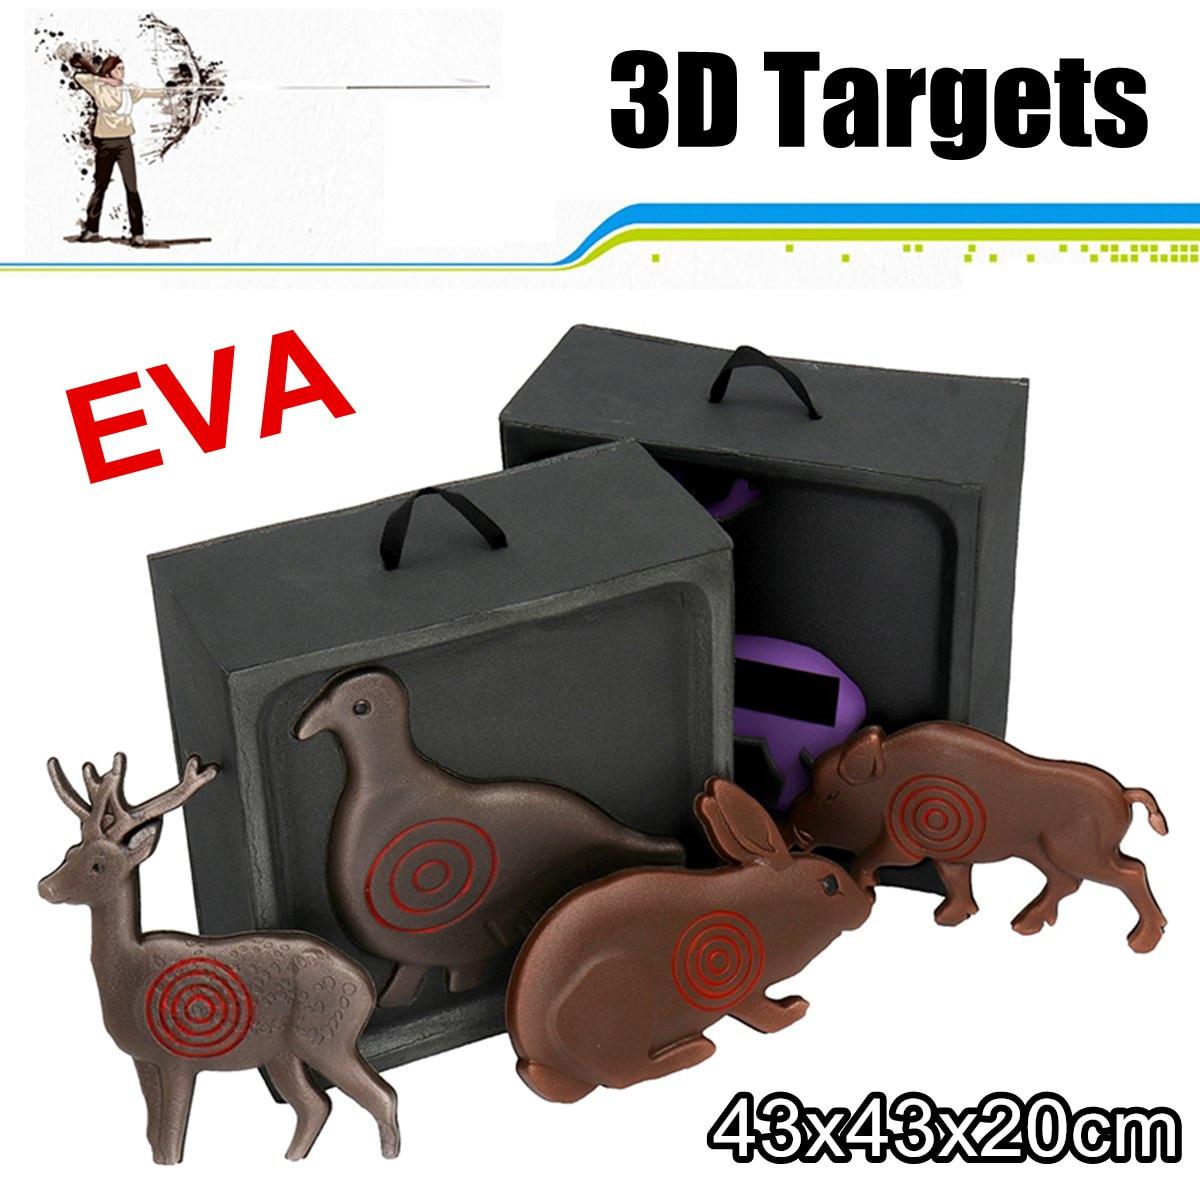 3D Animal réutilisable tir à l'arc EVA cible chasse tir flèches composé arc classique chasse cibles accessoires de formation en intérieur